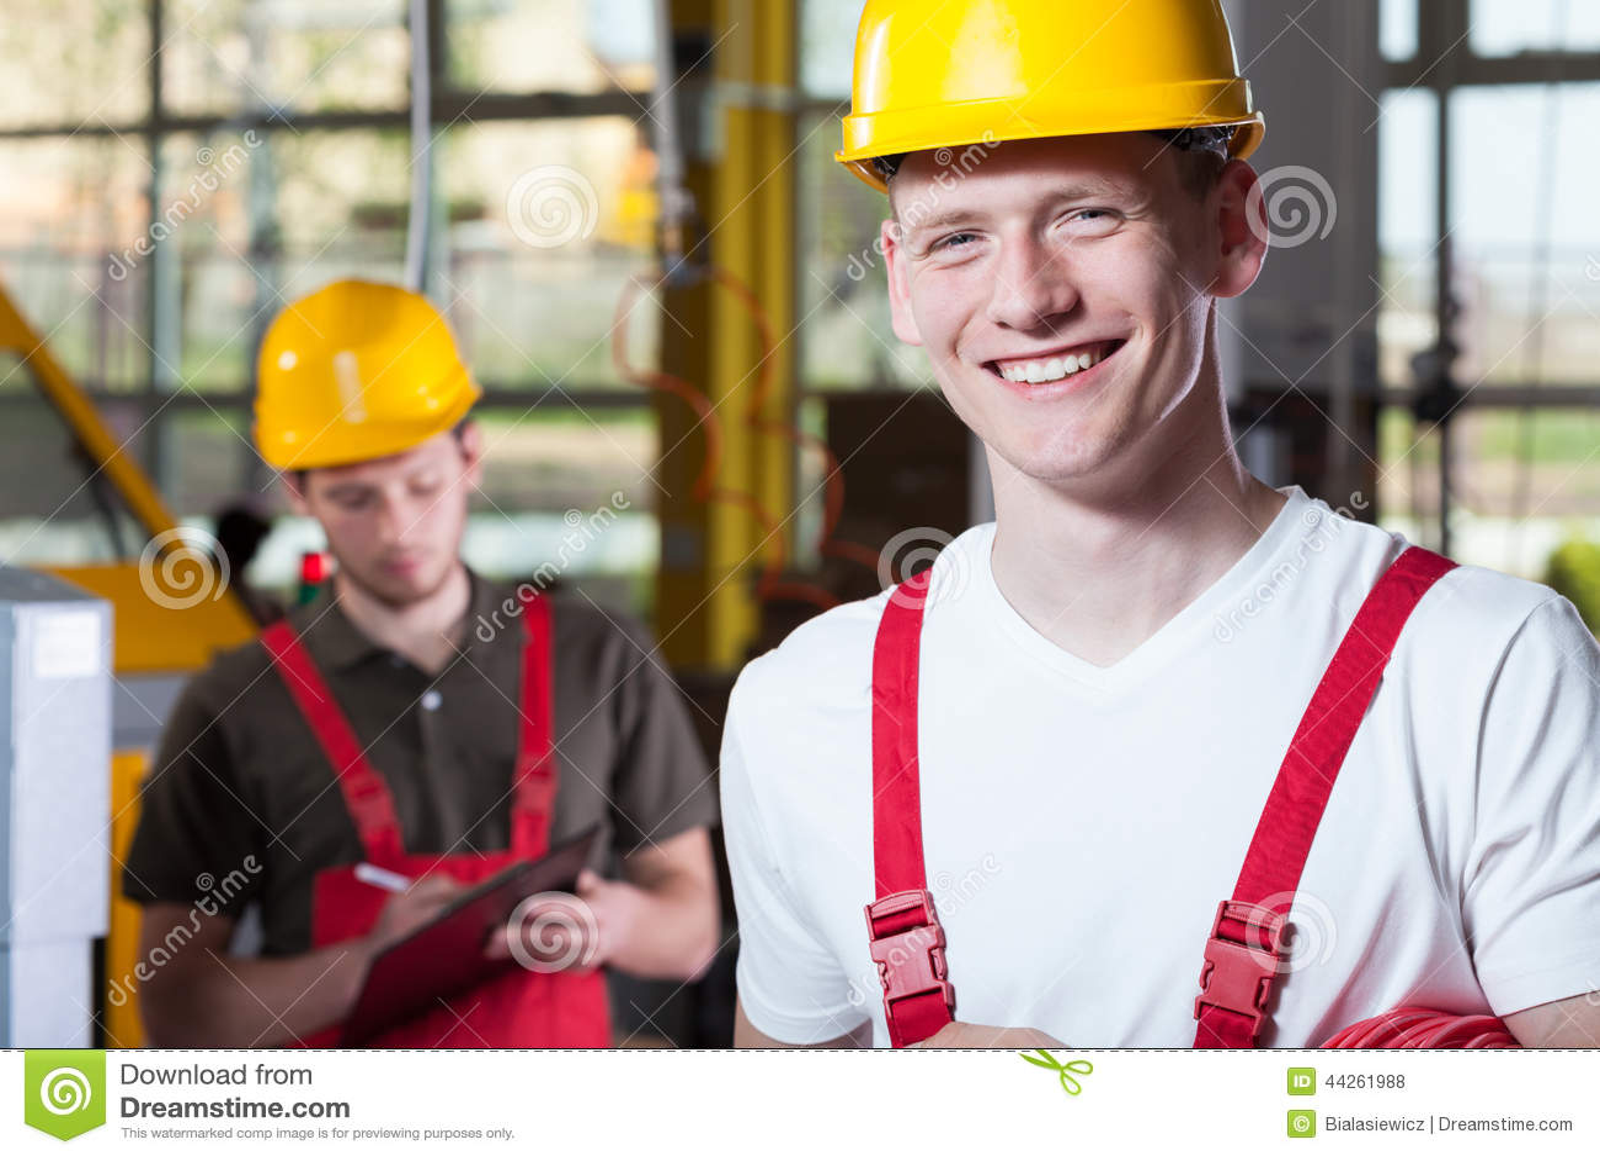 Lavoratori in camici ed elmetto protettivo